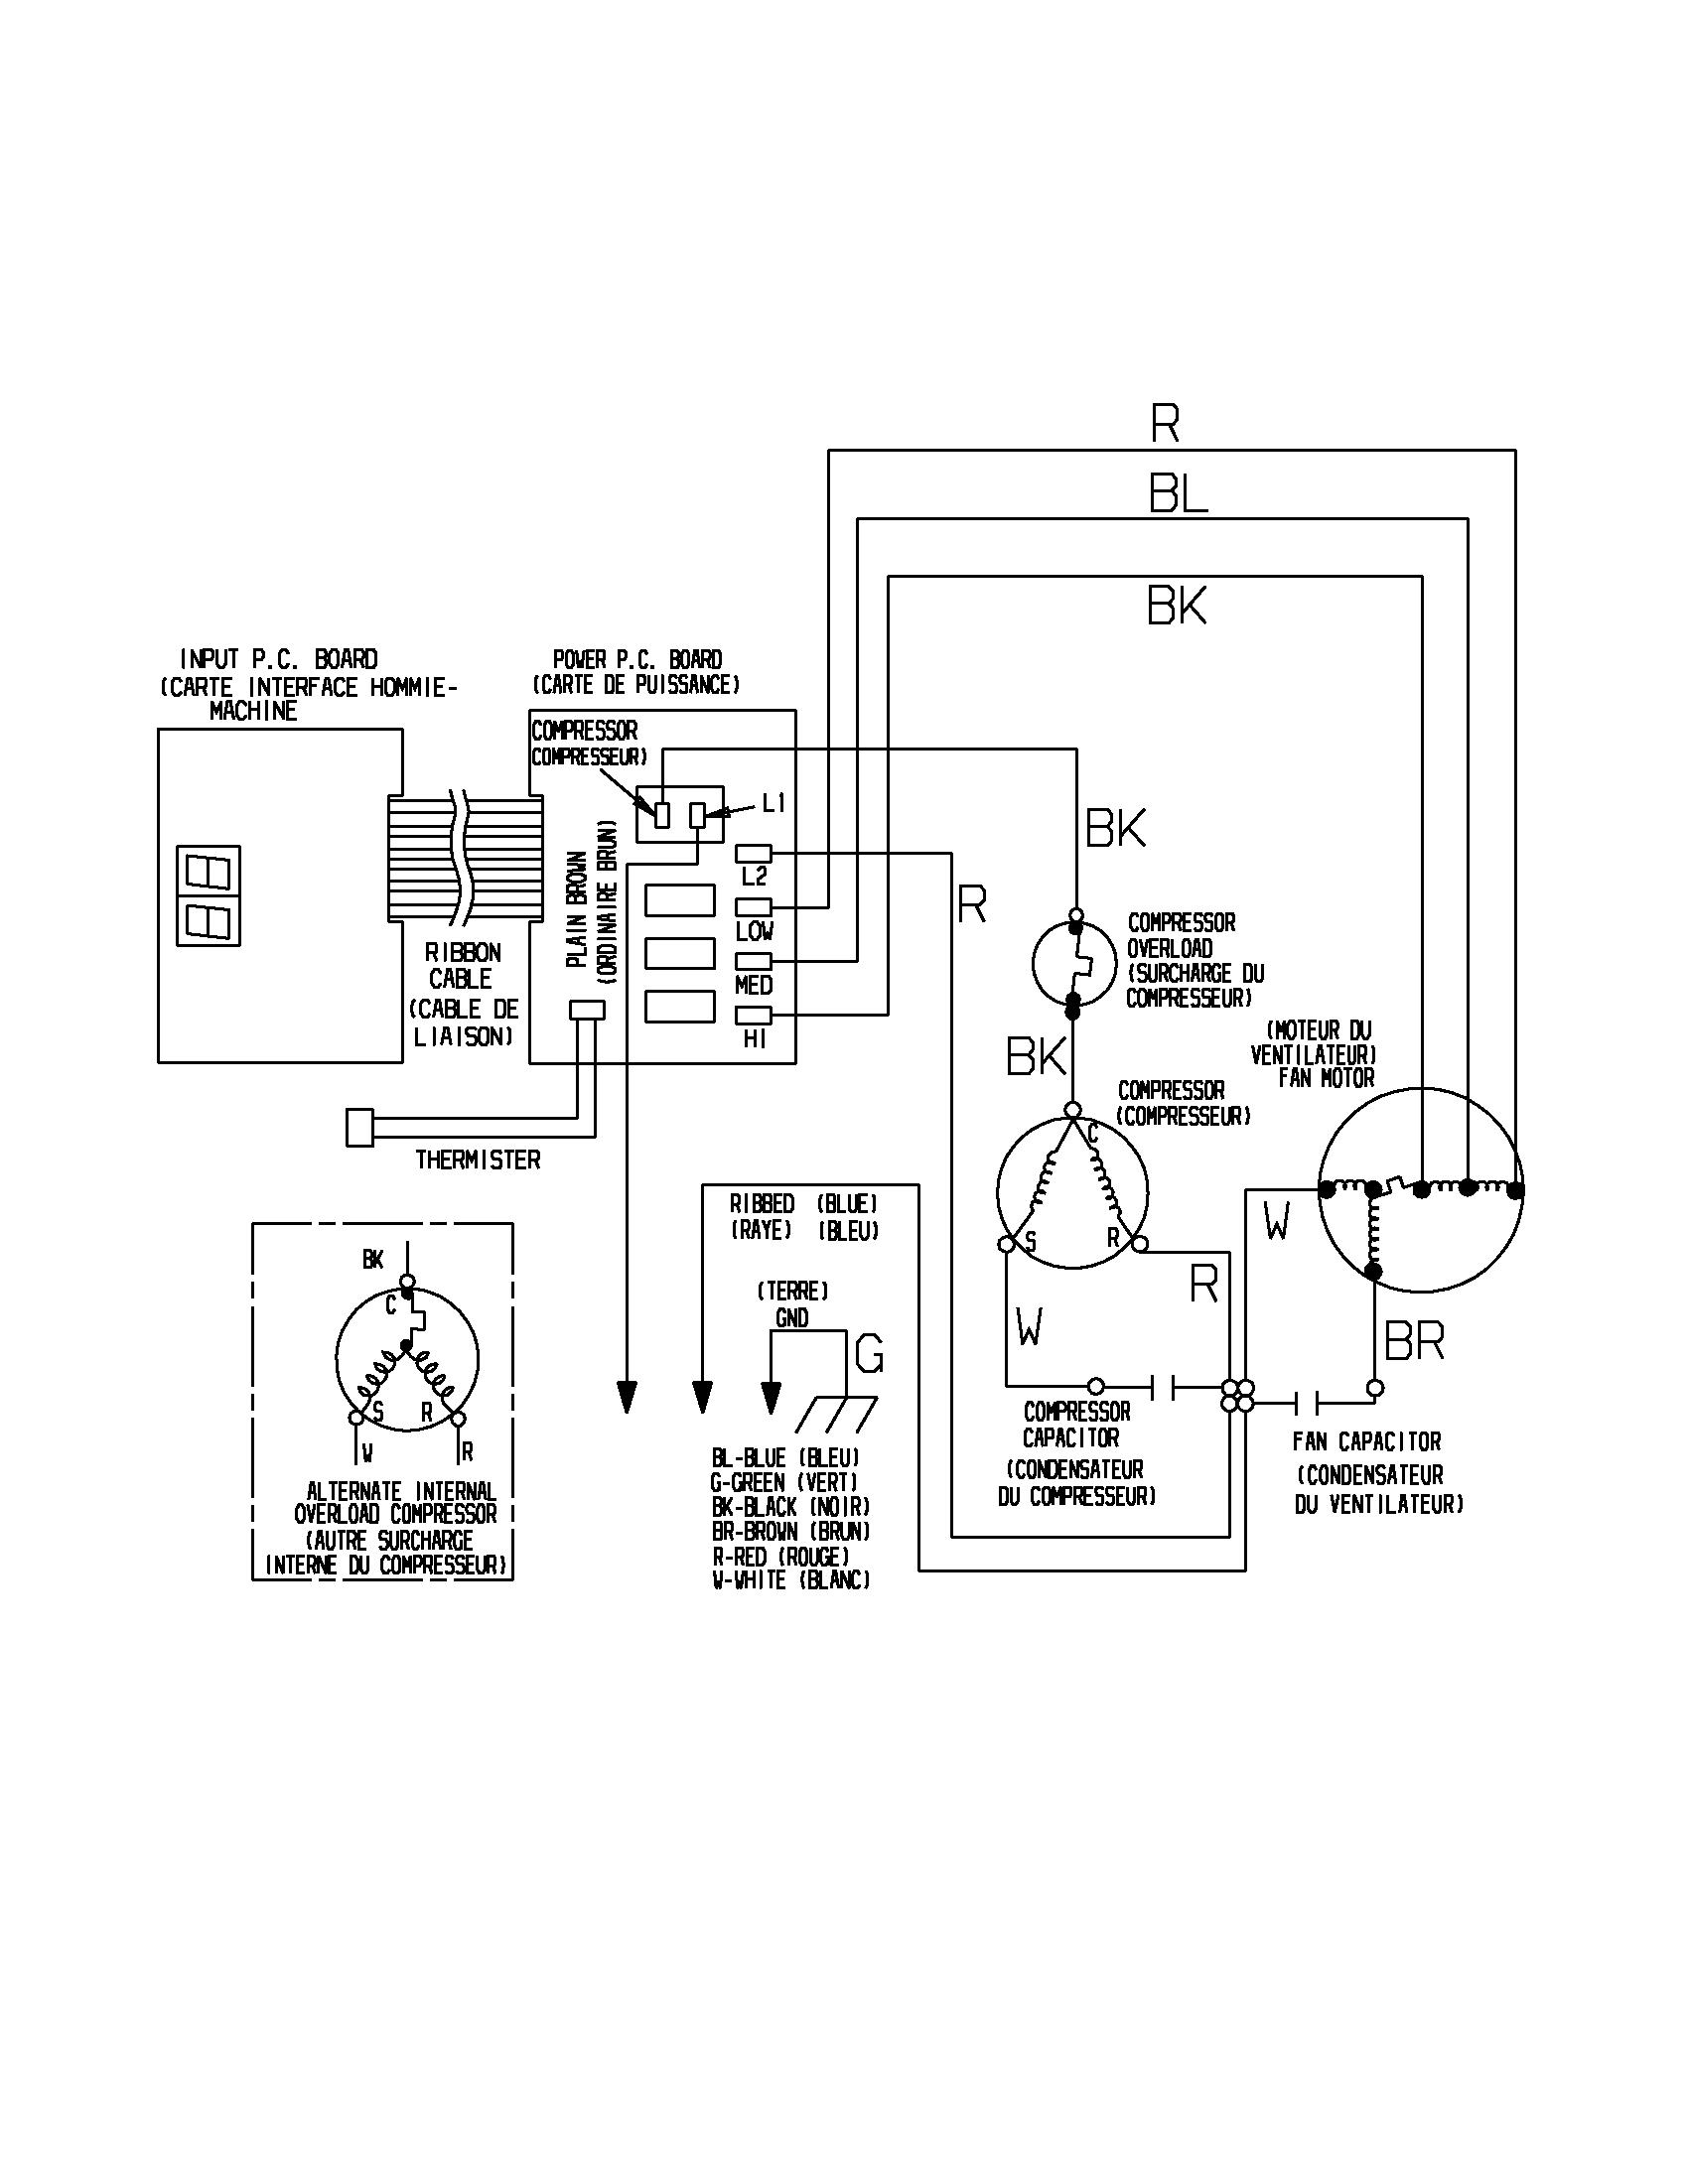 Unique Wiring Diagram Of Lg Window Ac Diagram Diagramtemplate Diagramsample Diagrama De Circuito Circuito